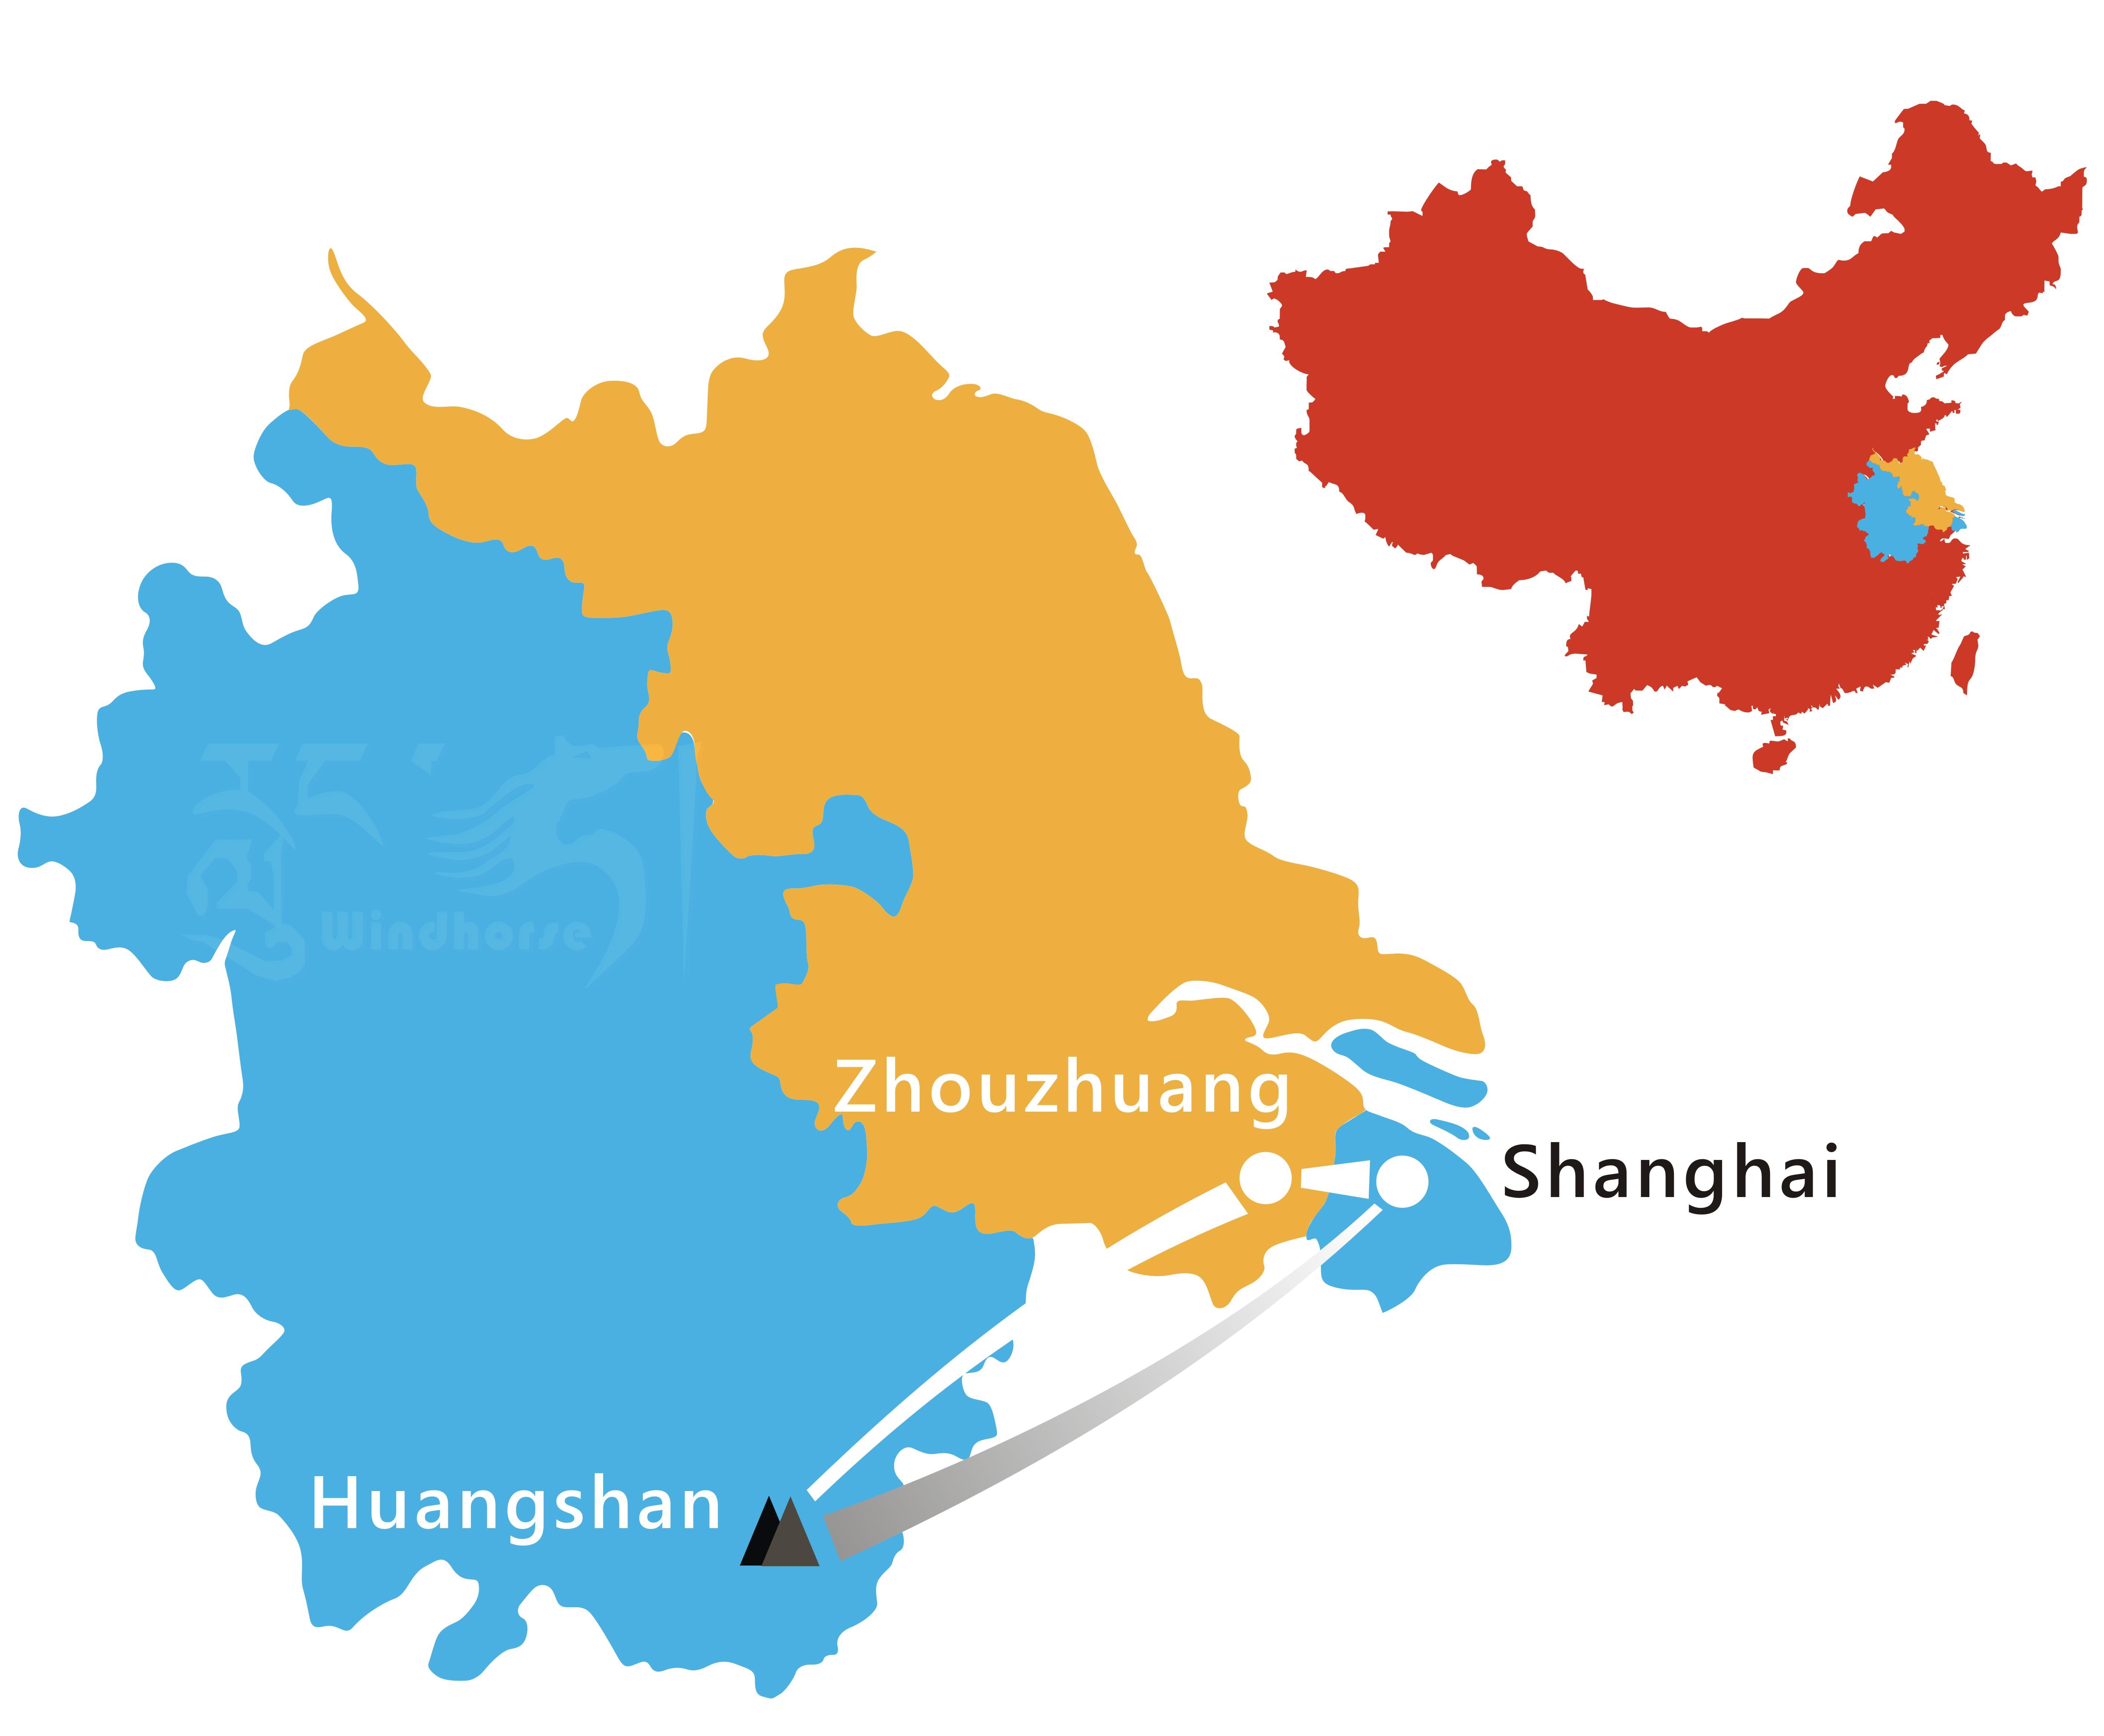 Shanghai Huangshan Tour Route